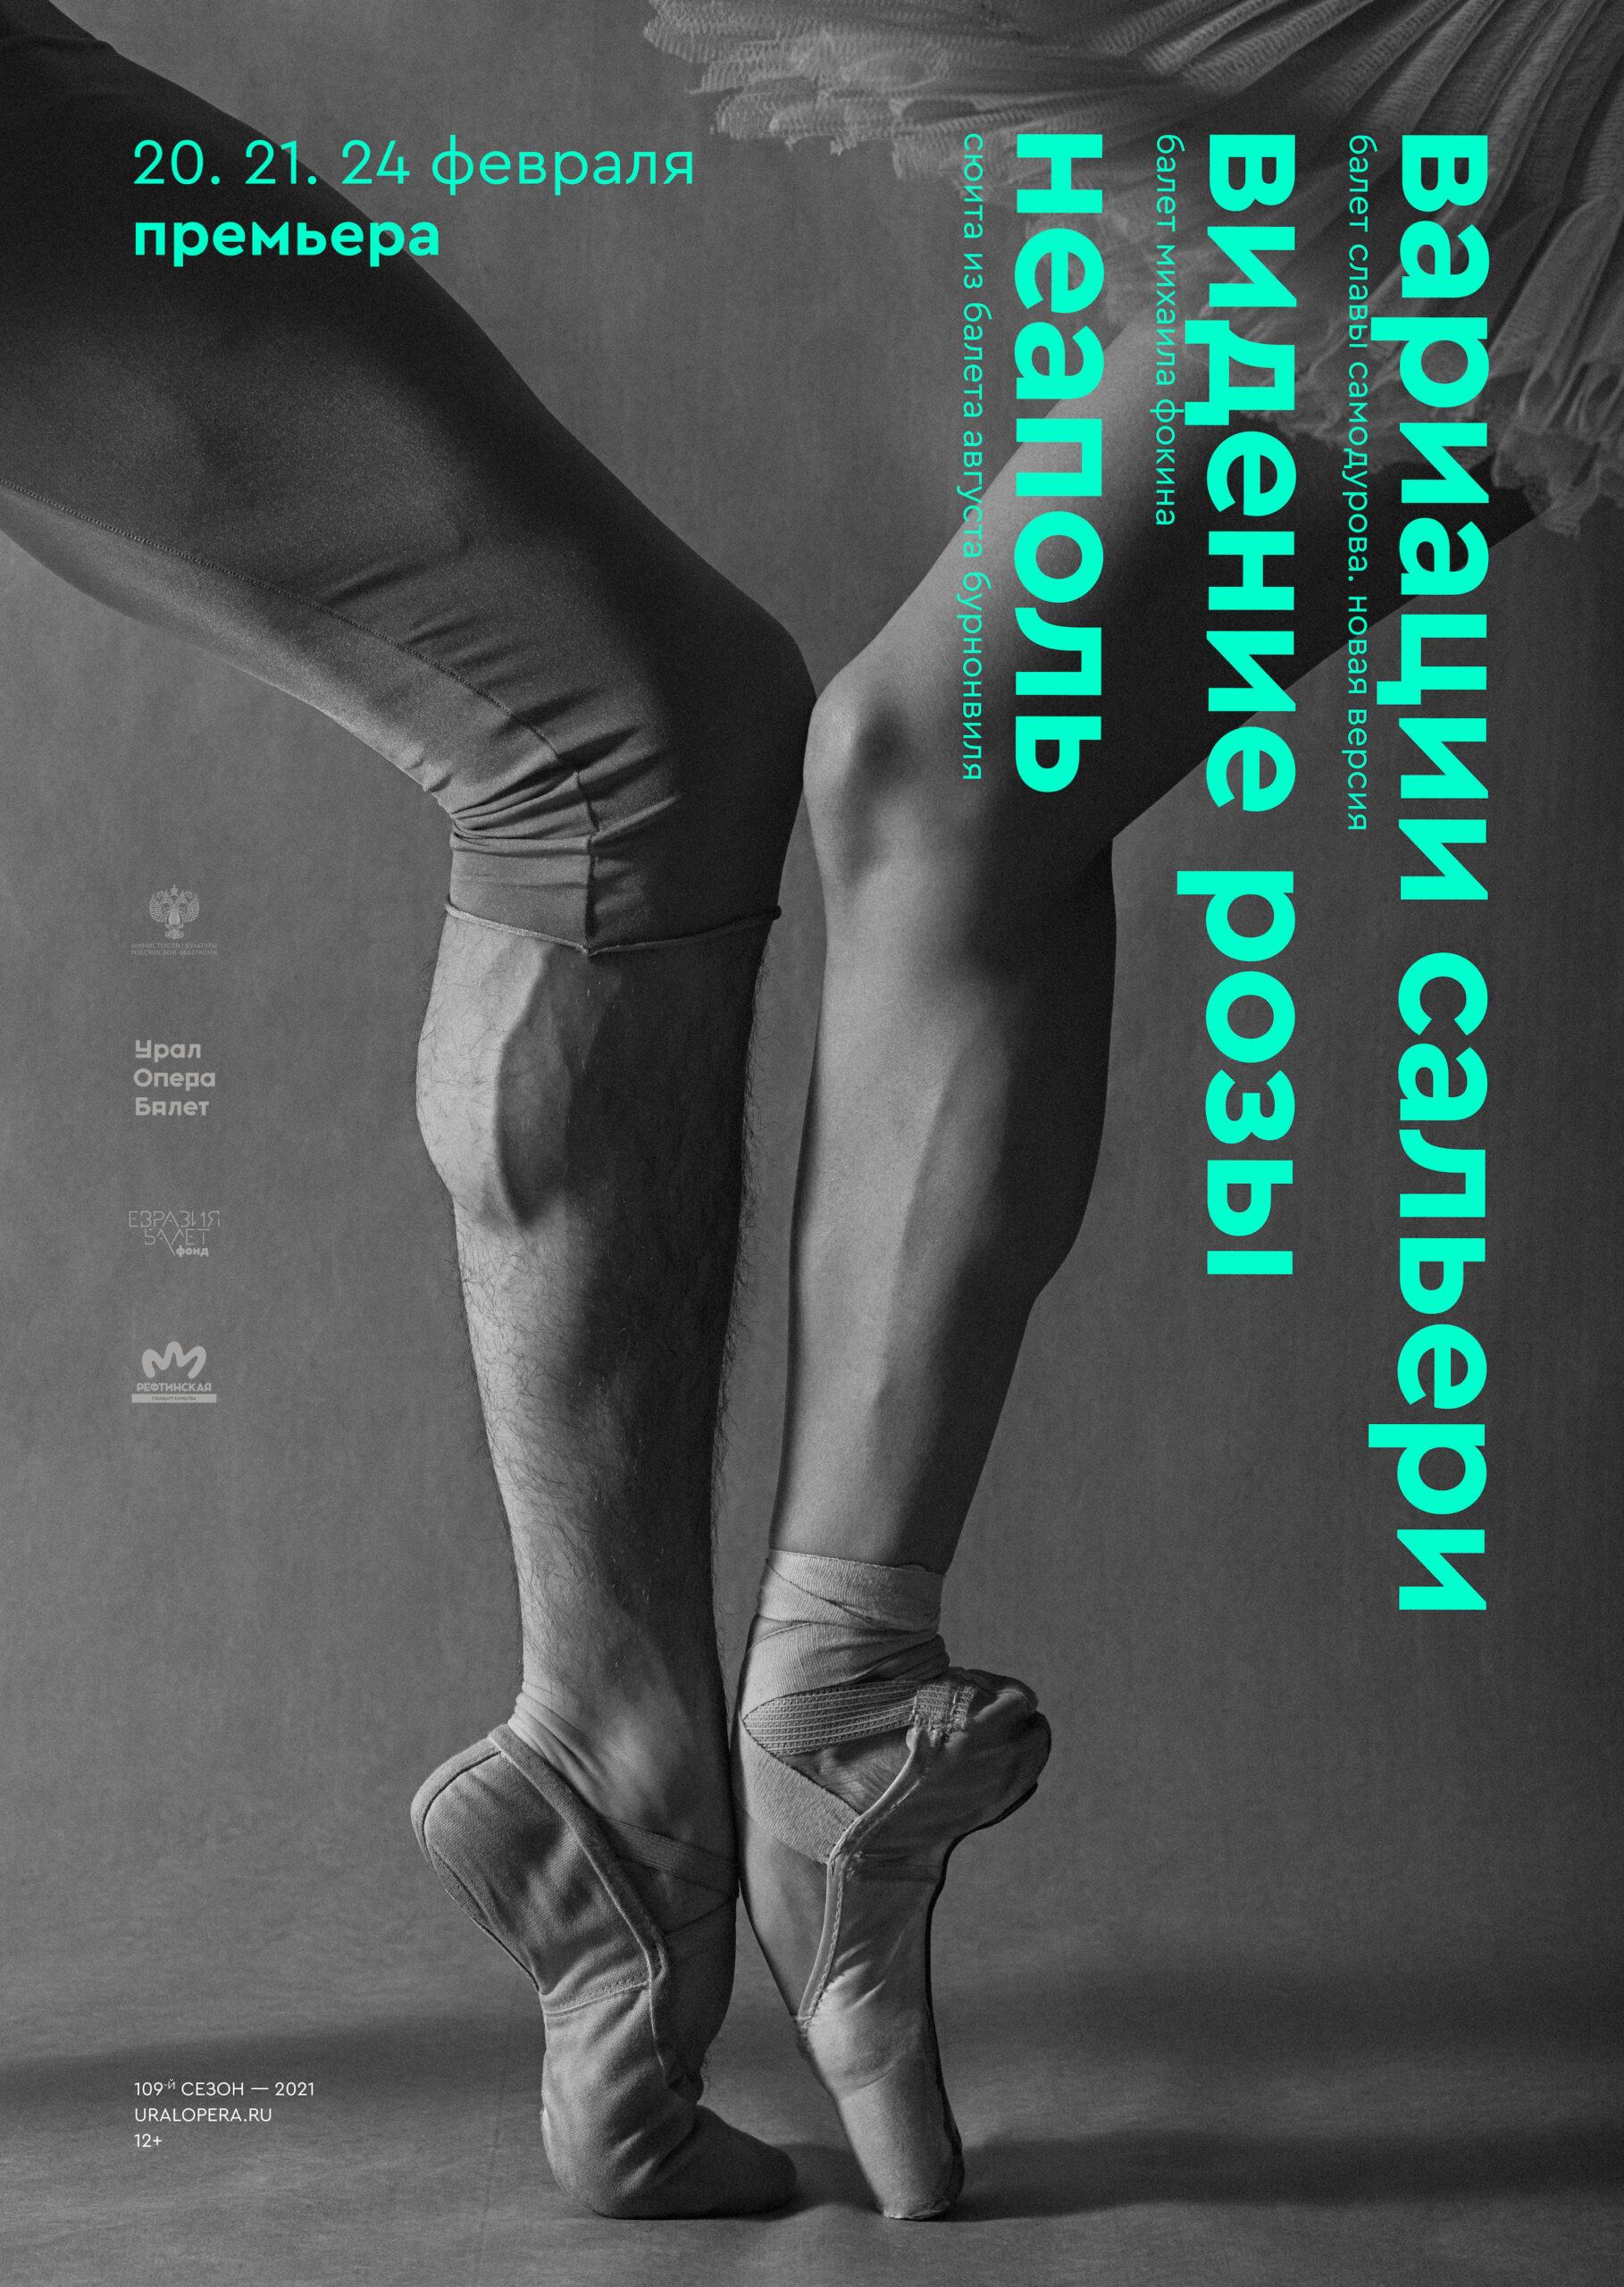 Тройная балетная премьера состоится в Екатеринбурге